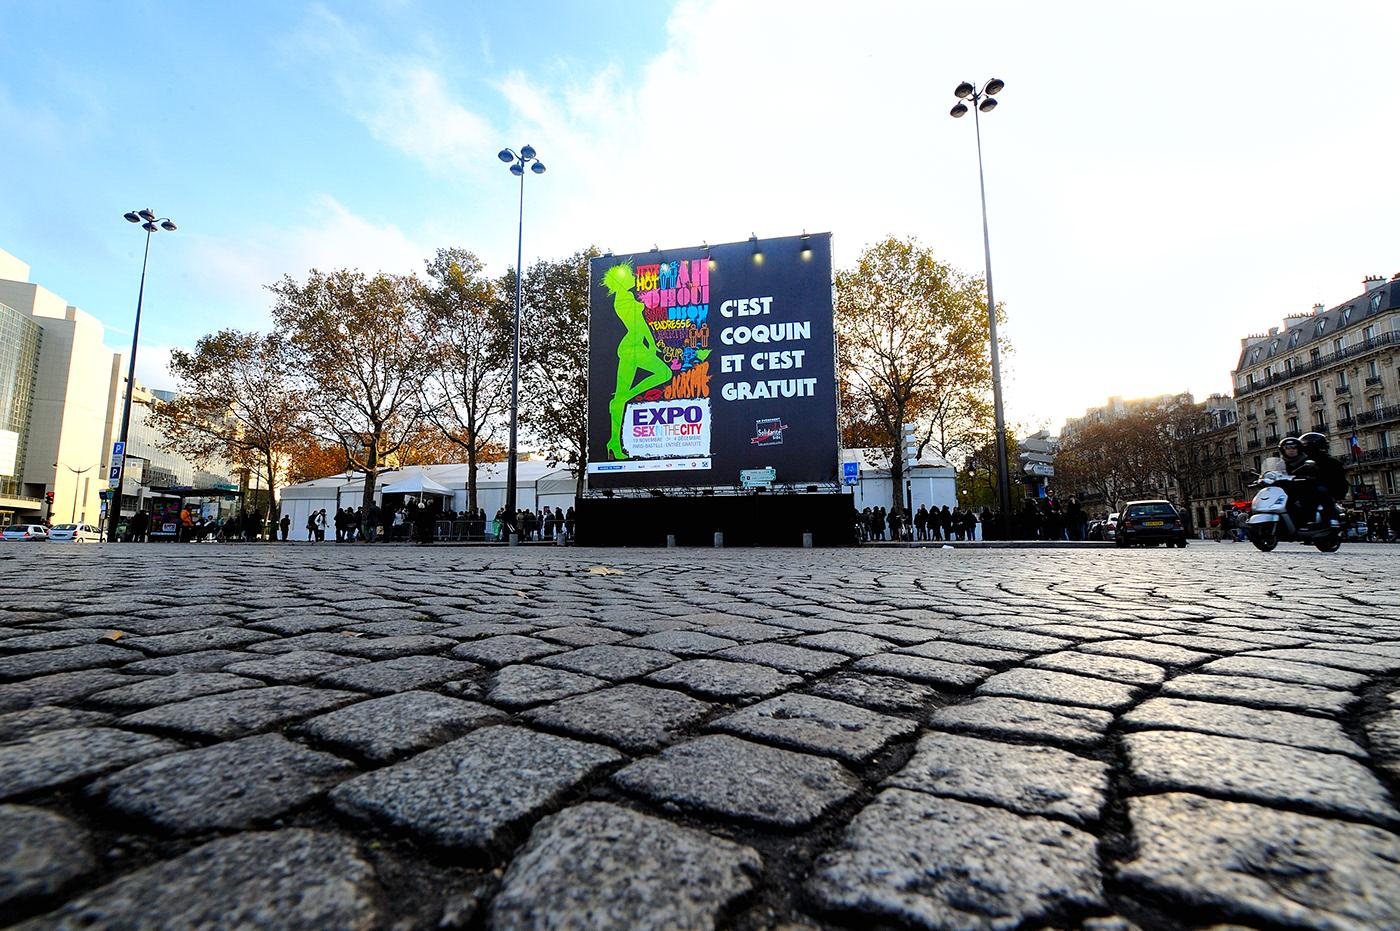 exposition plaisir prevention sexualité solidarité sida